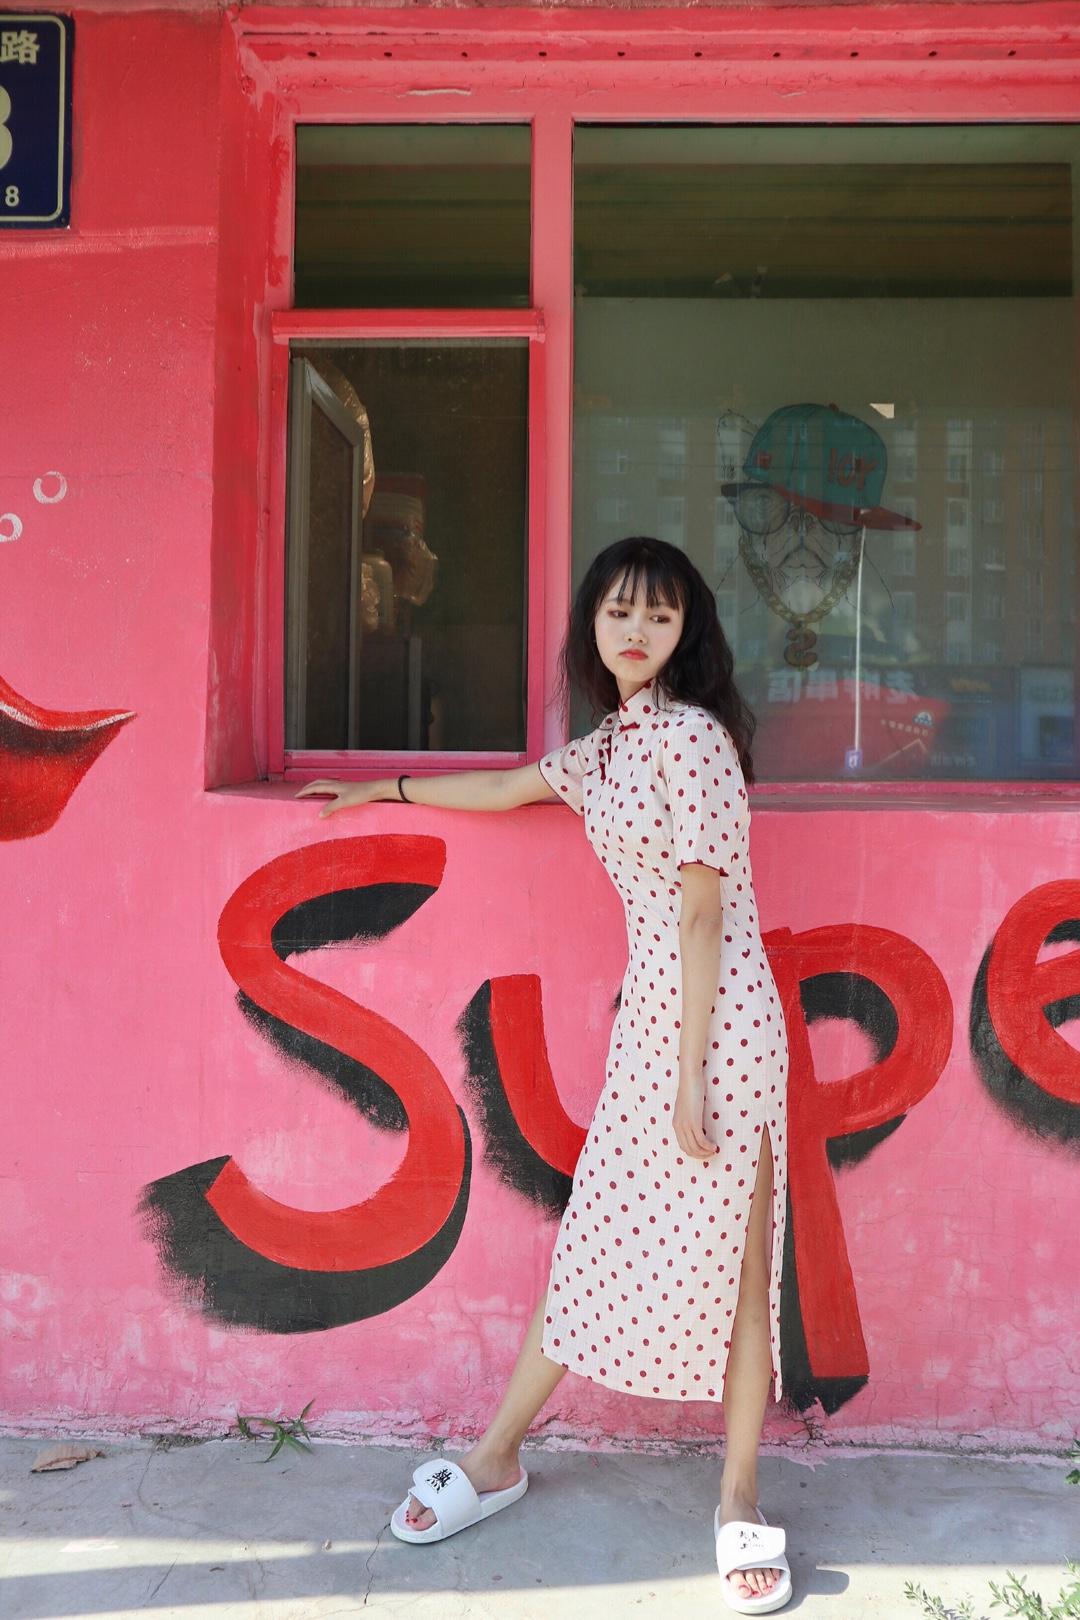 #年中大促必入的网红套装# 小心心和小圆点的设计 提升了时尚感 旗袍是国粹 展现出优雅和气质 这款用中国元素和现代潮流相结合 更加的给人一种港风的感觉 这样穿出去,超级吸人眼球